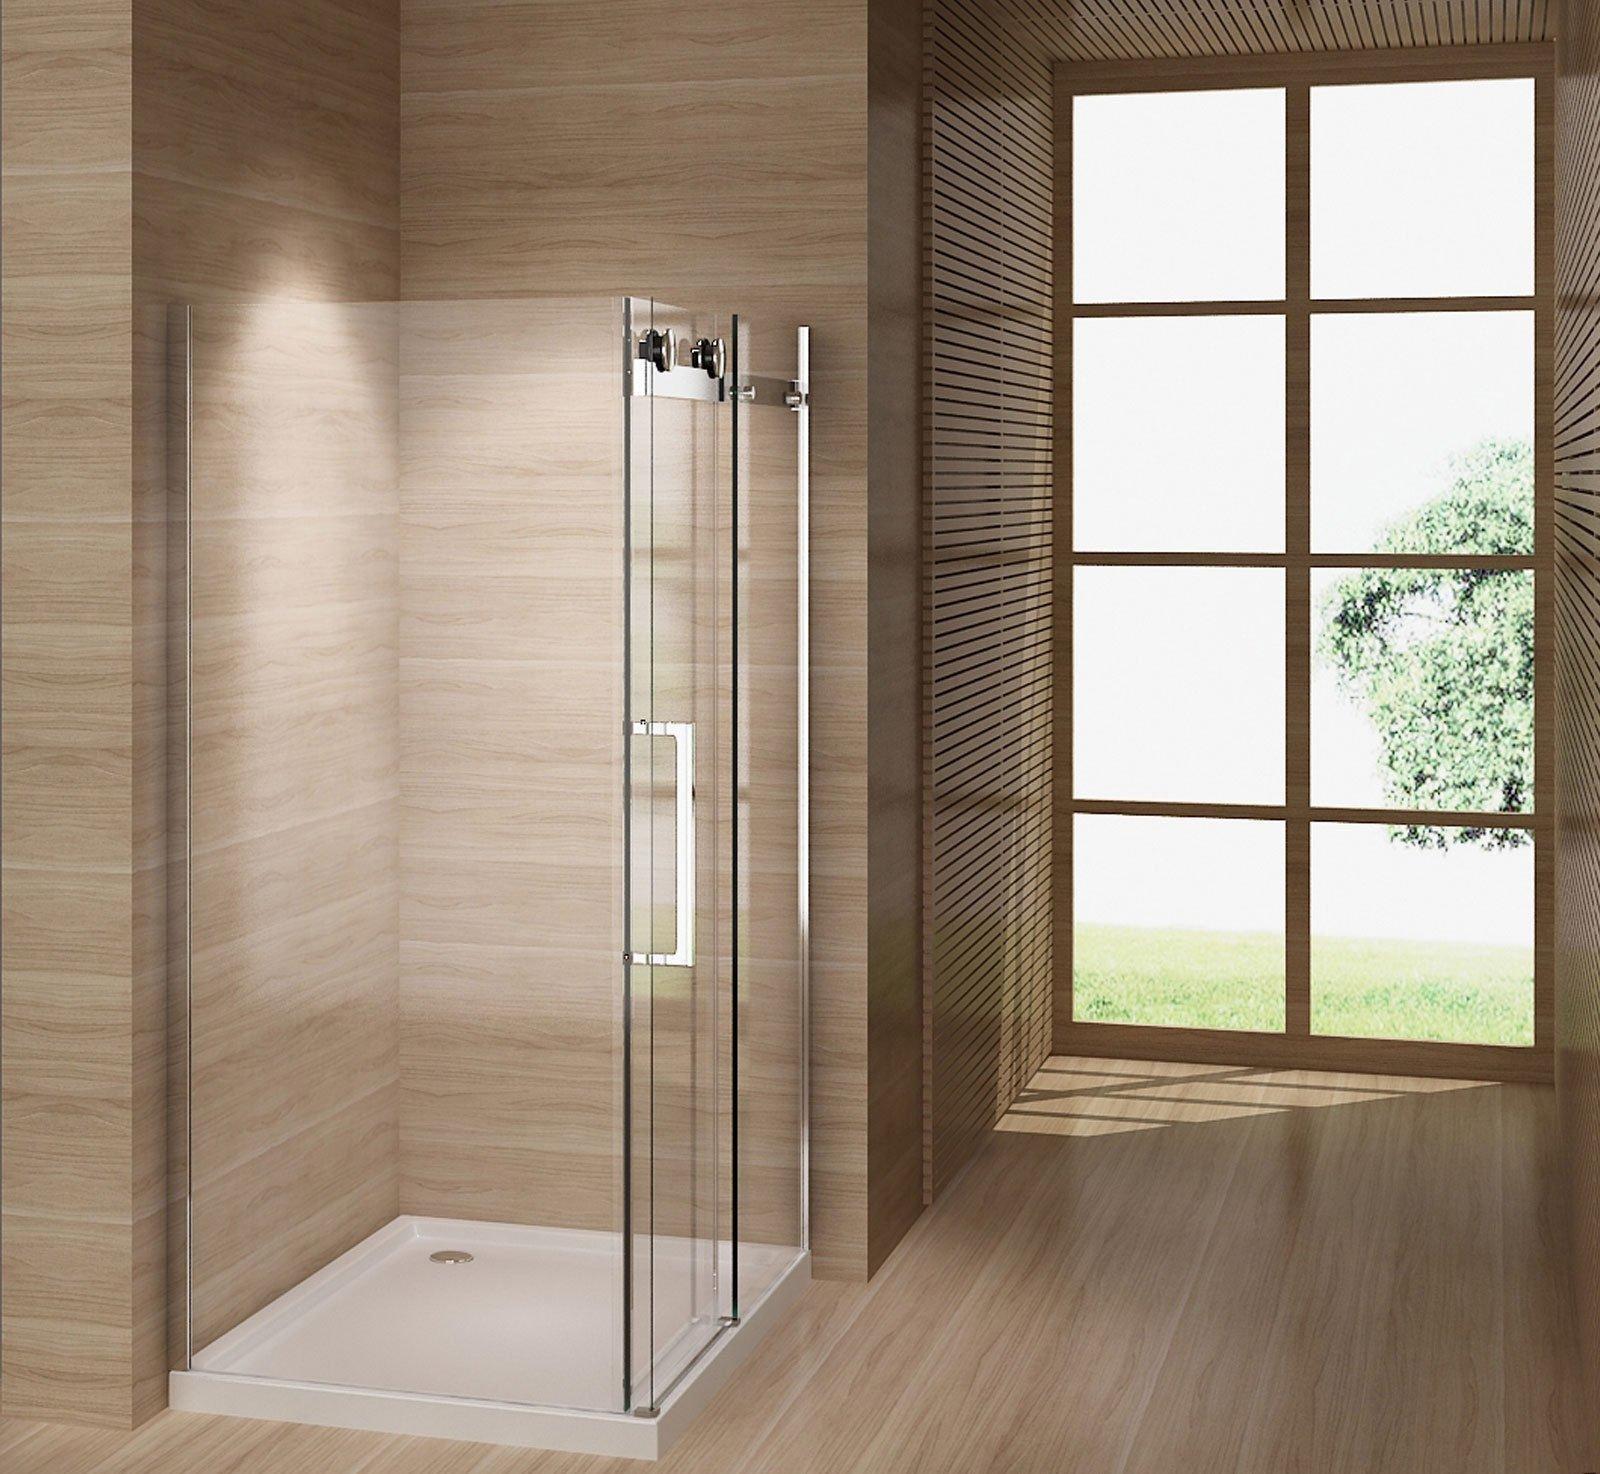 Mampara de ducha de junio de 120 x 80 cm con ducha Taza de aluminio abs mueble de baño: Amazon.es: Bricolaje y herramientas